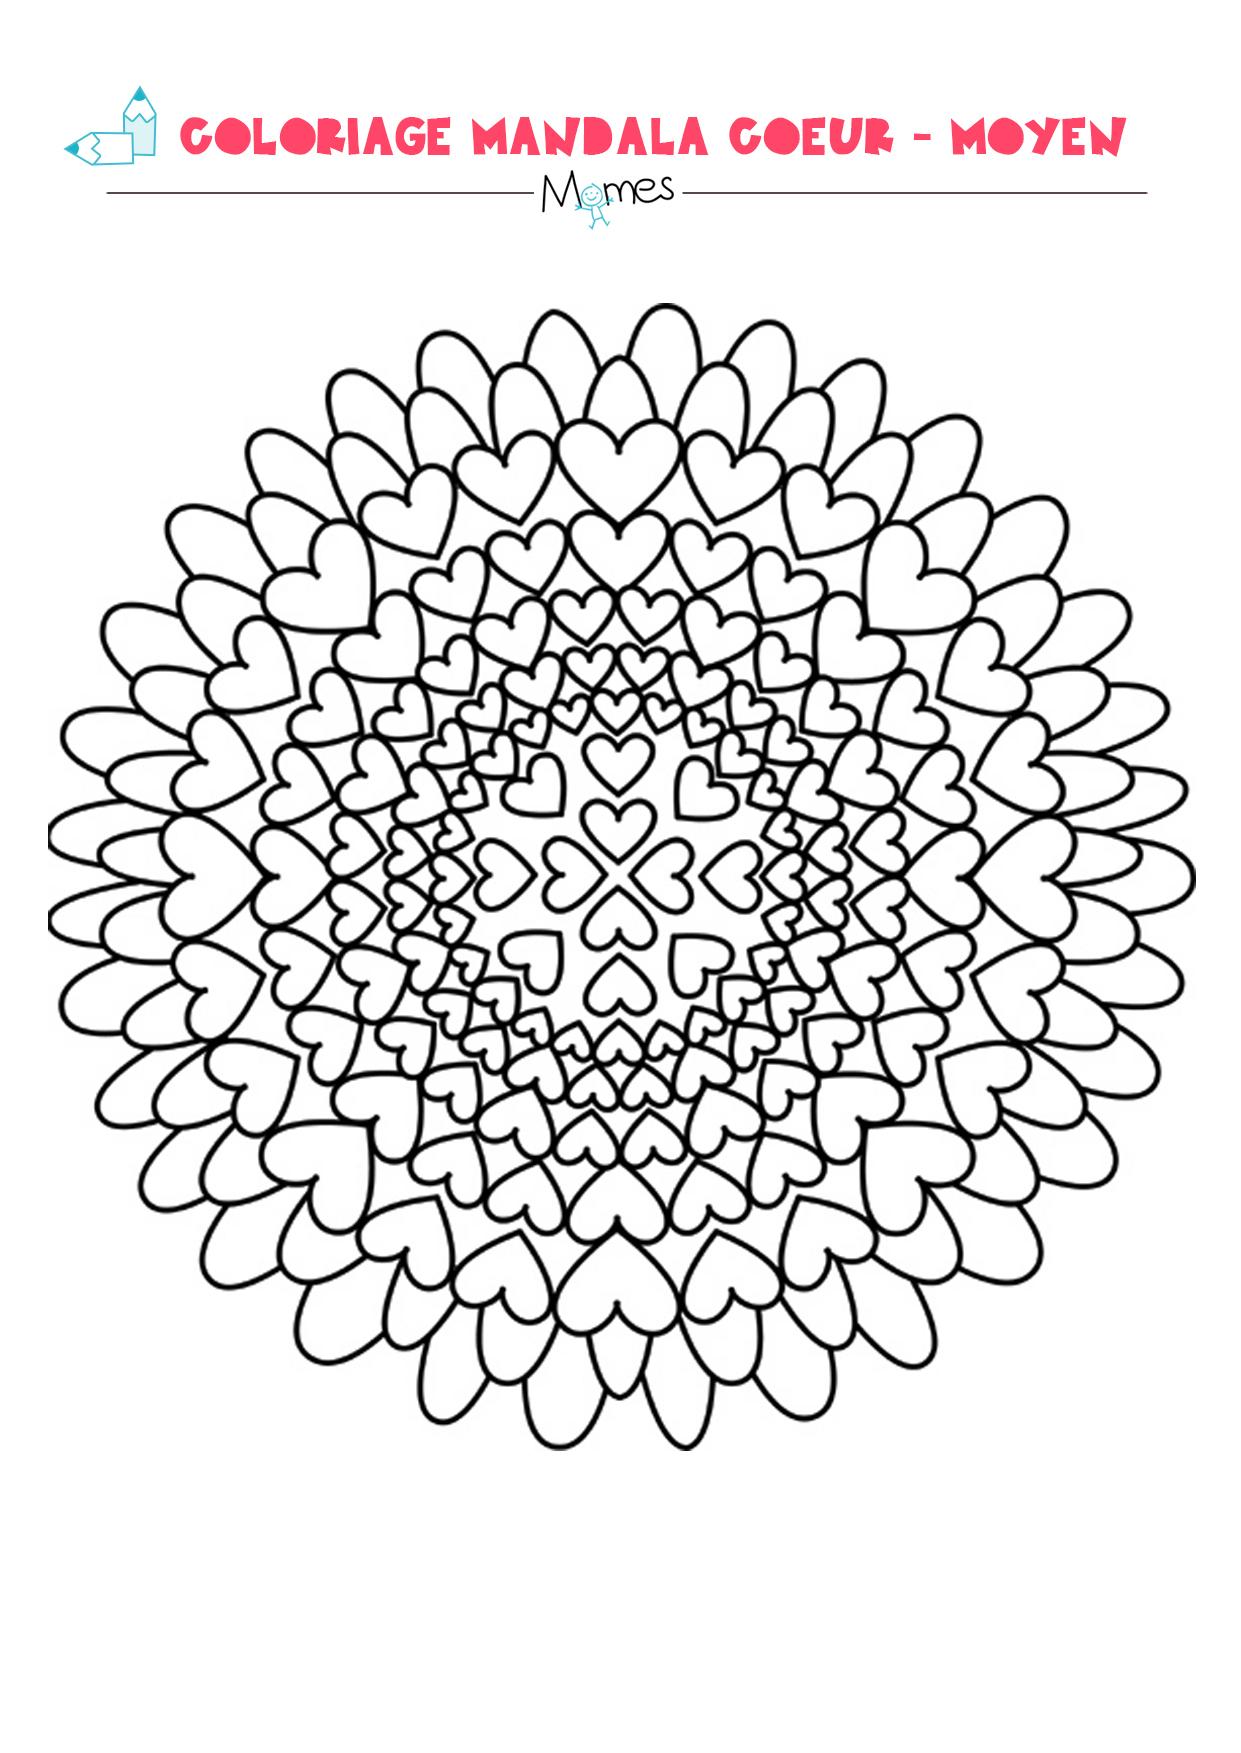 Mandala Coeur À Colorier - Facile - Momes tout Jeux De Coloriage De Rosace